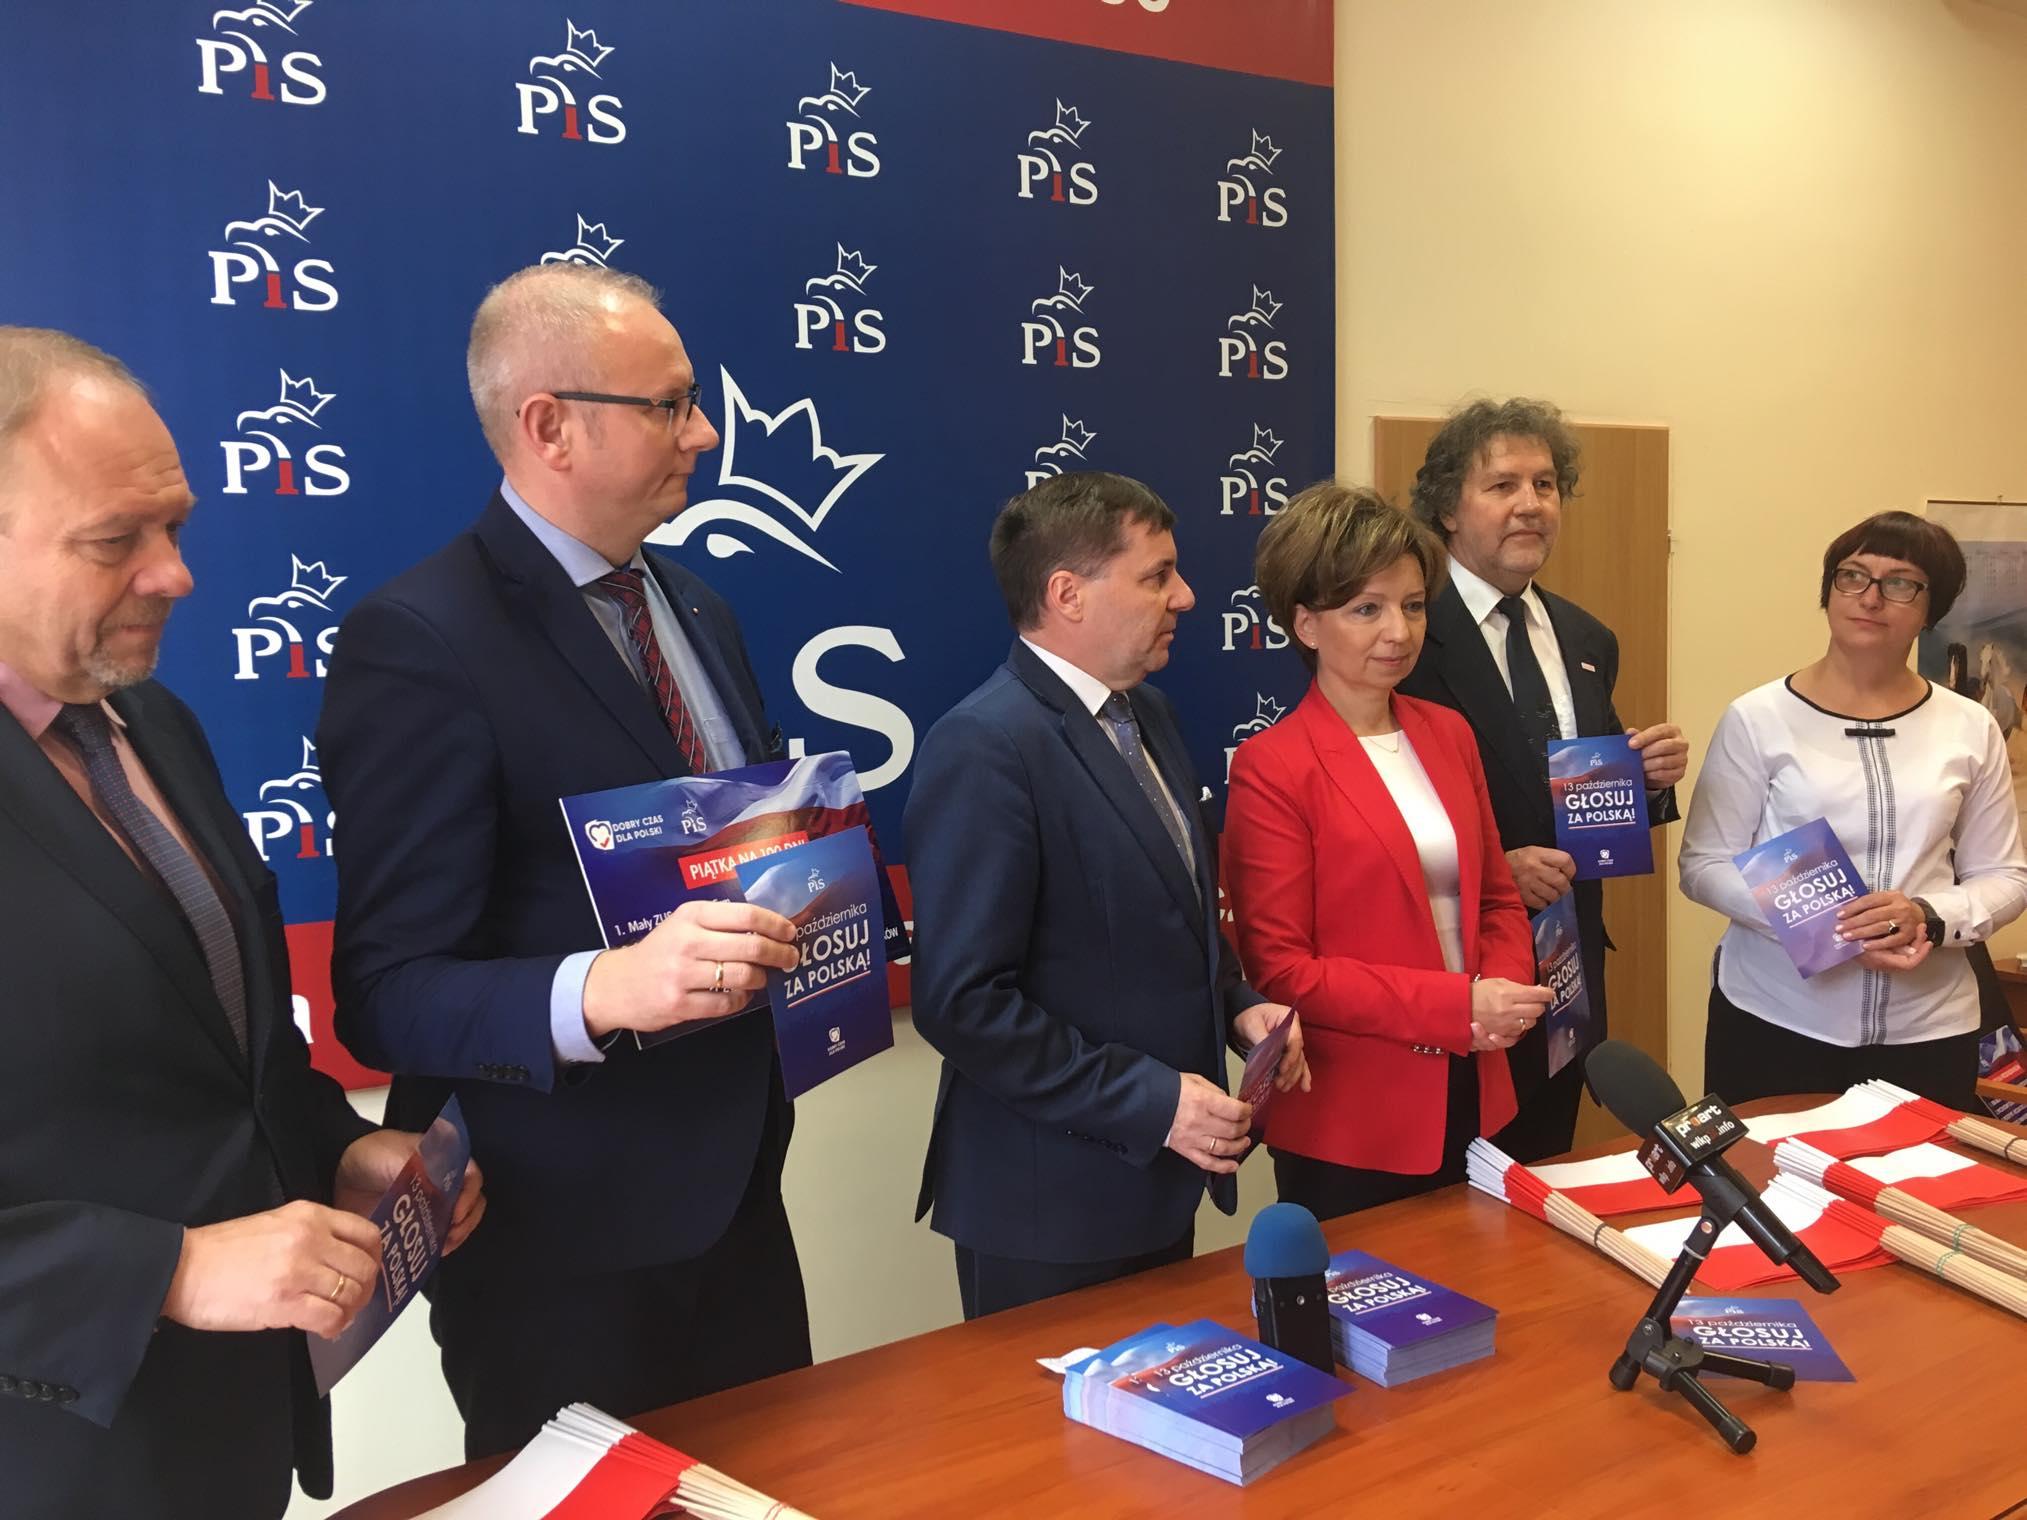 Tomasz Ławniczak PiS kampania - Danuta Synkiewicz